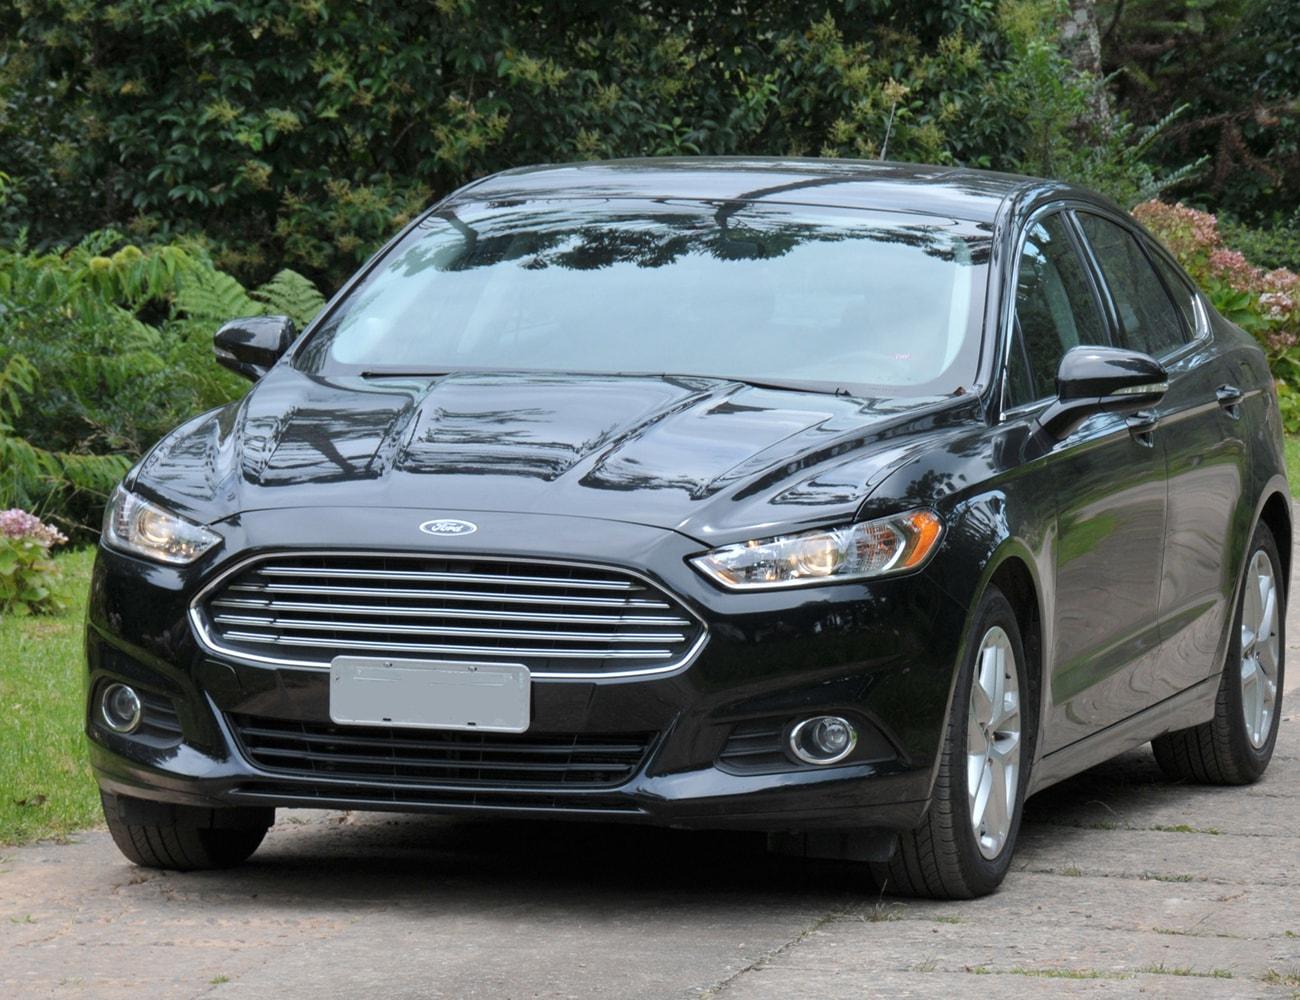 transporte executivo com ford fusion luxo